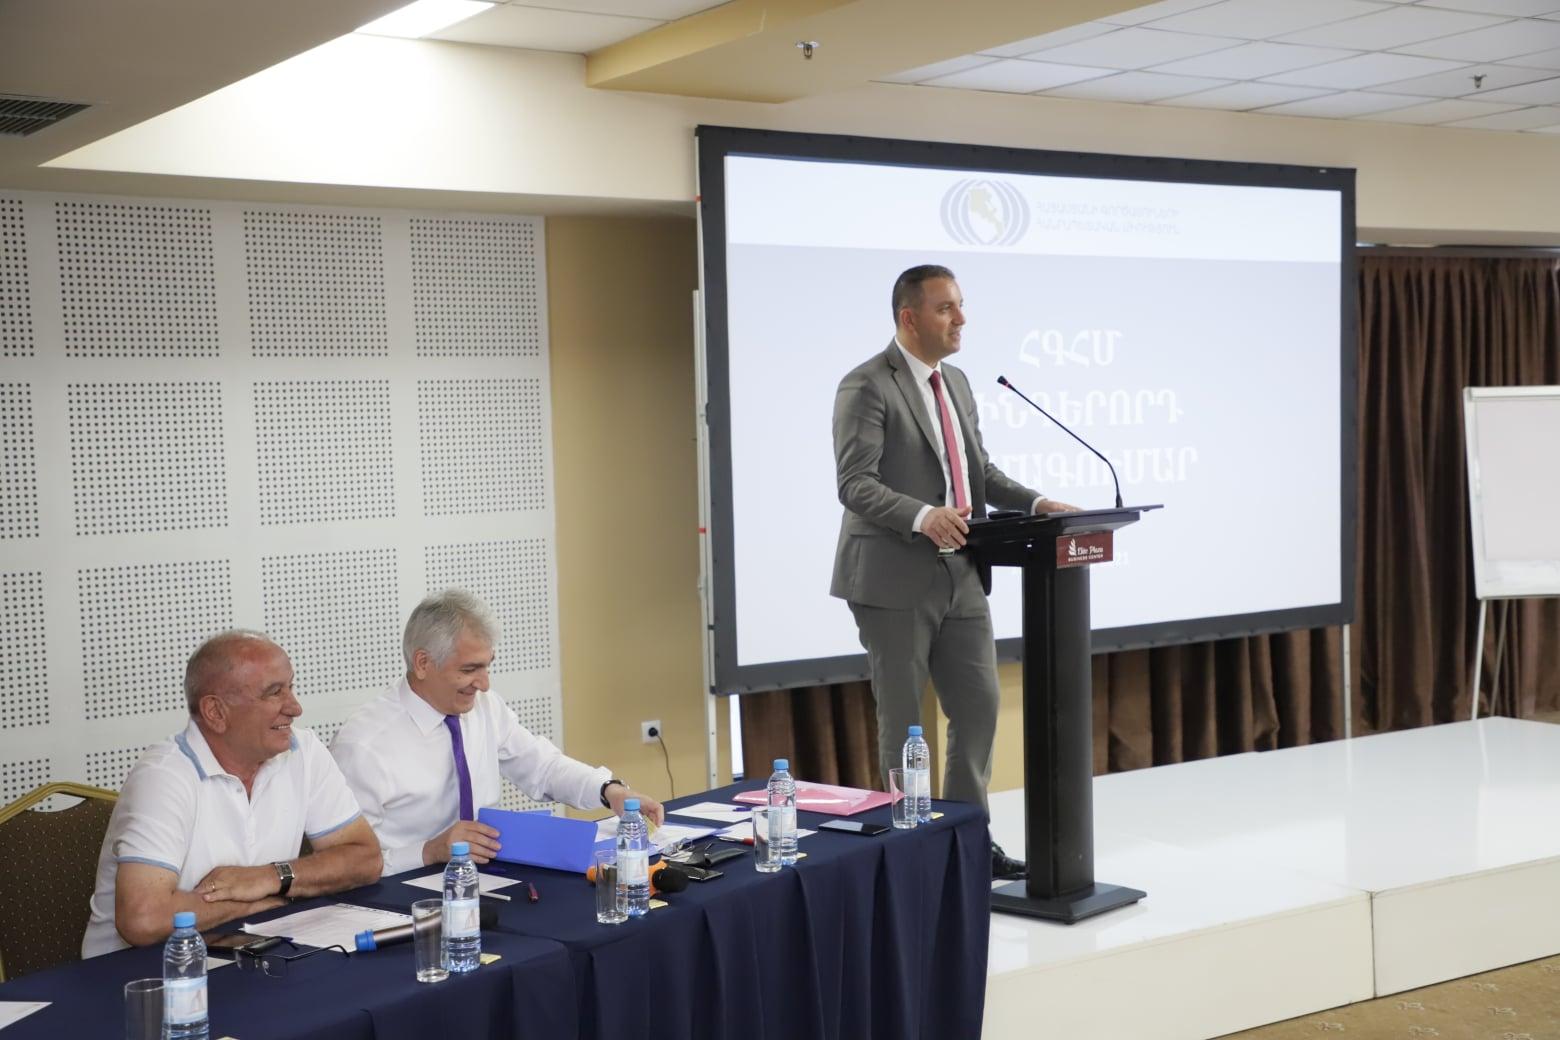 Վահան Քերոբյանը մասնակցել է Հայաստանի գործատուների հանրապետական միության հինգերորդ համագումարին